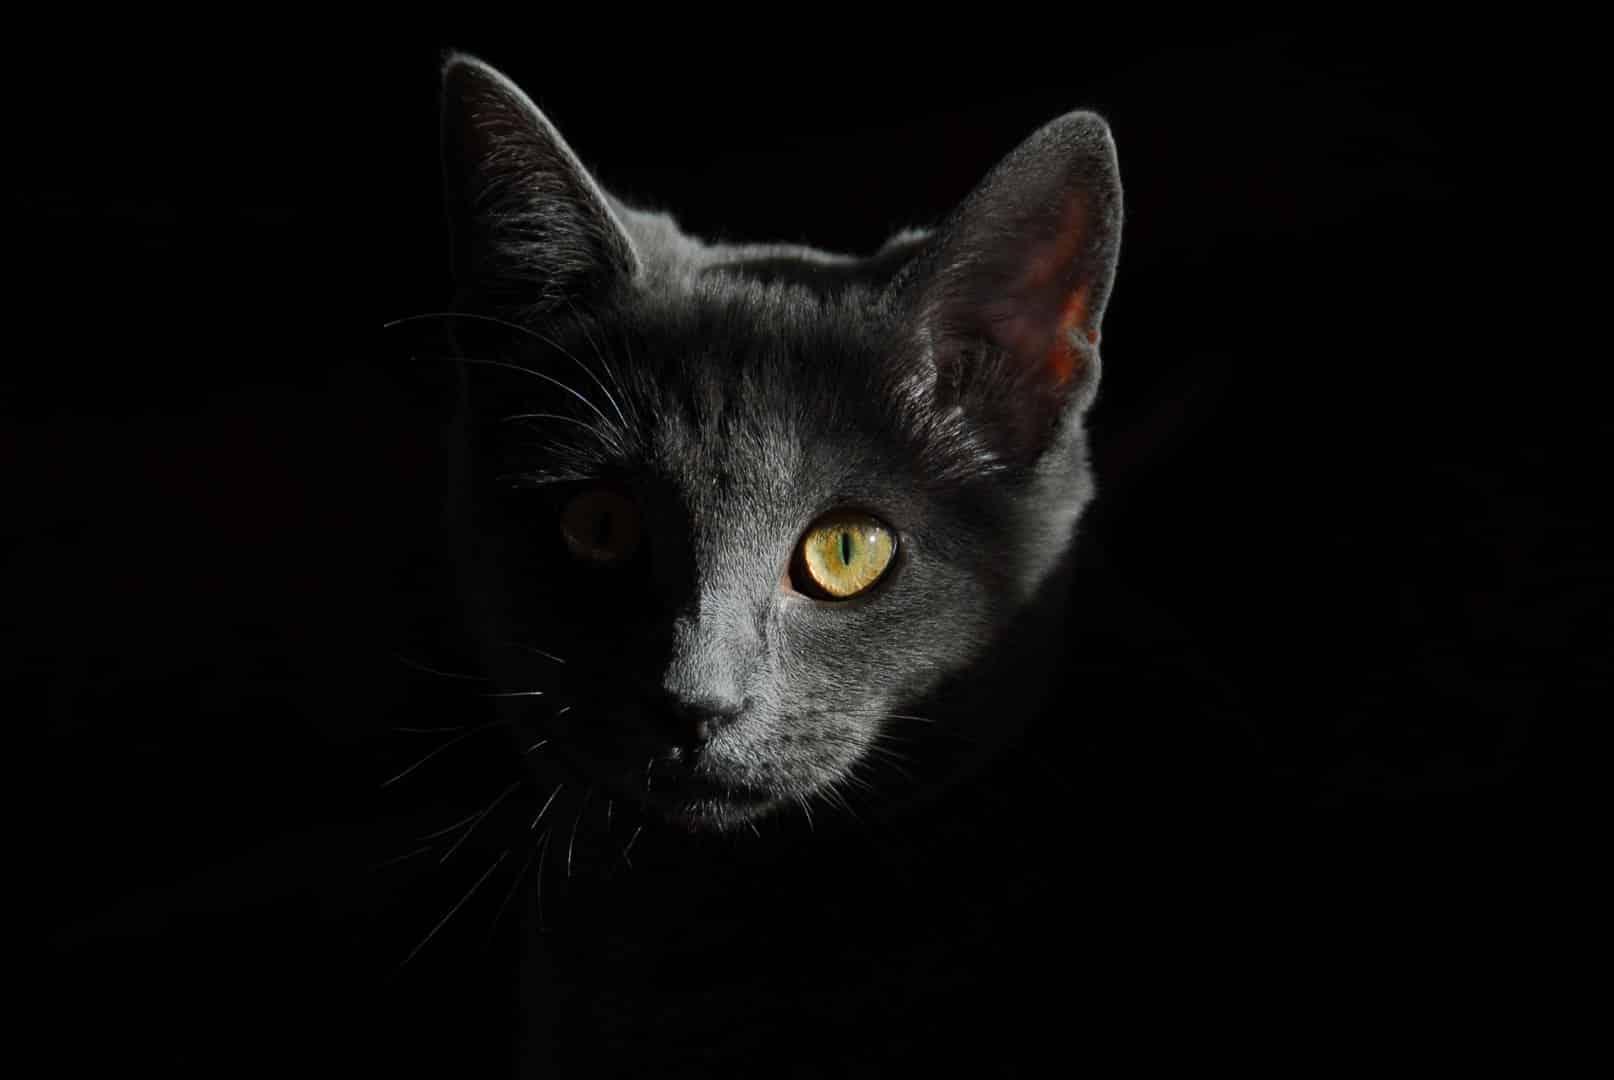 crne djevojke samo maca